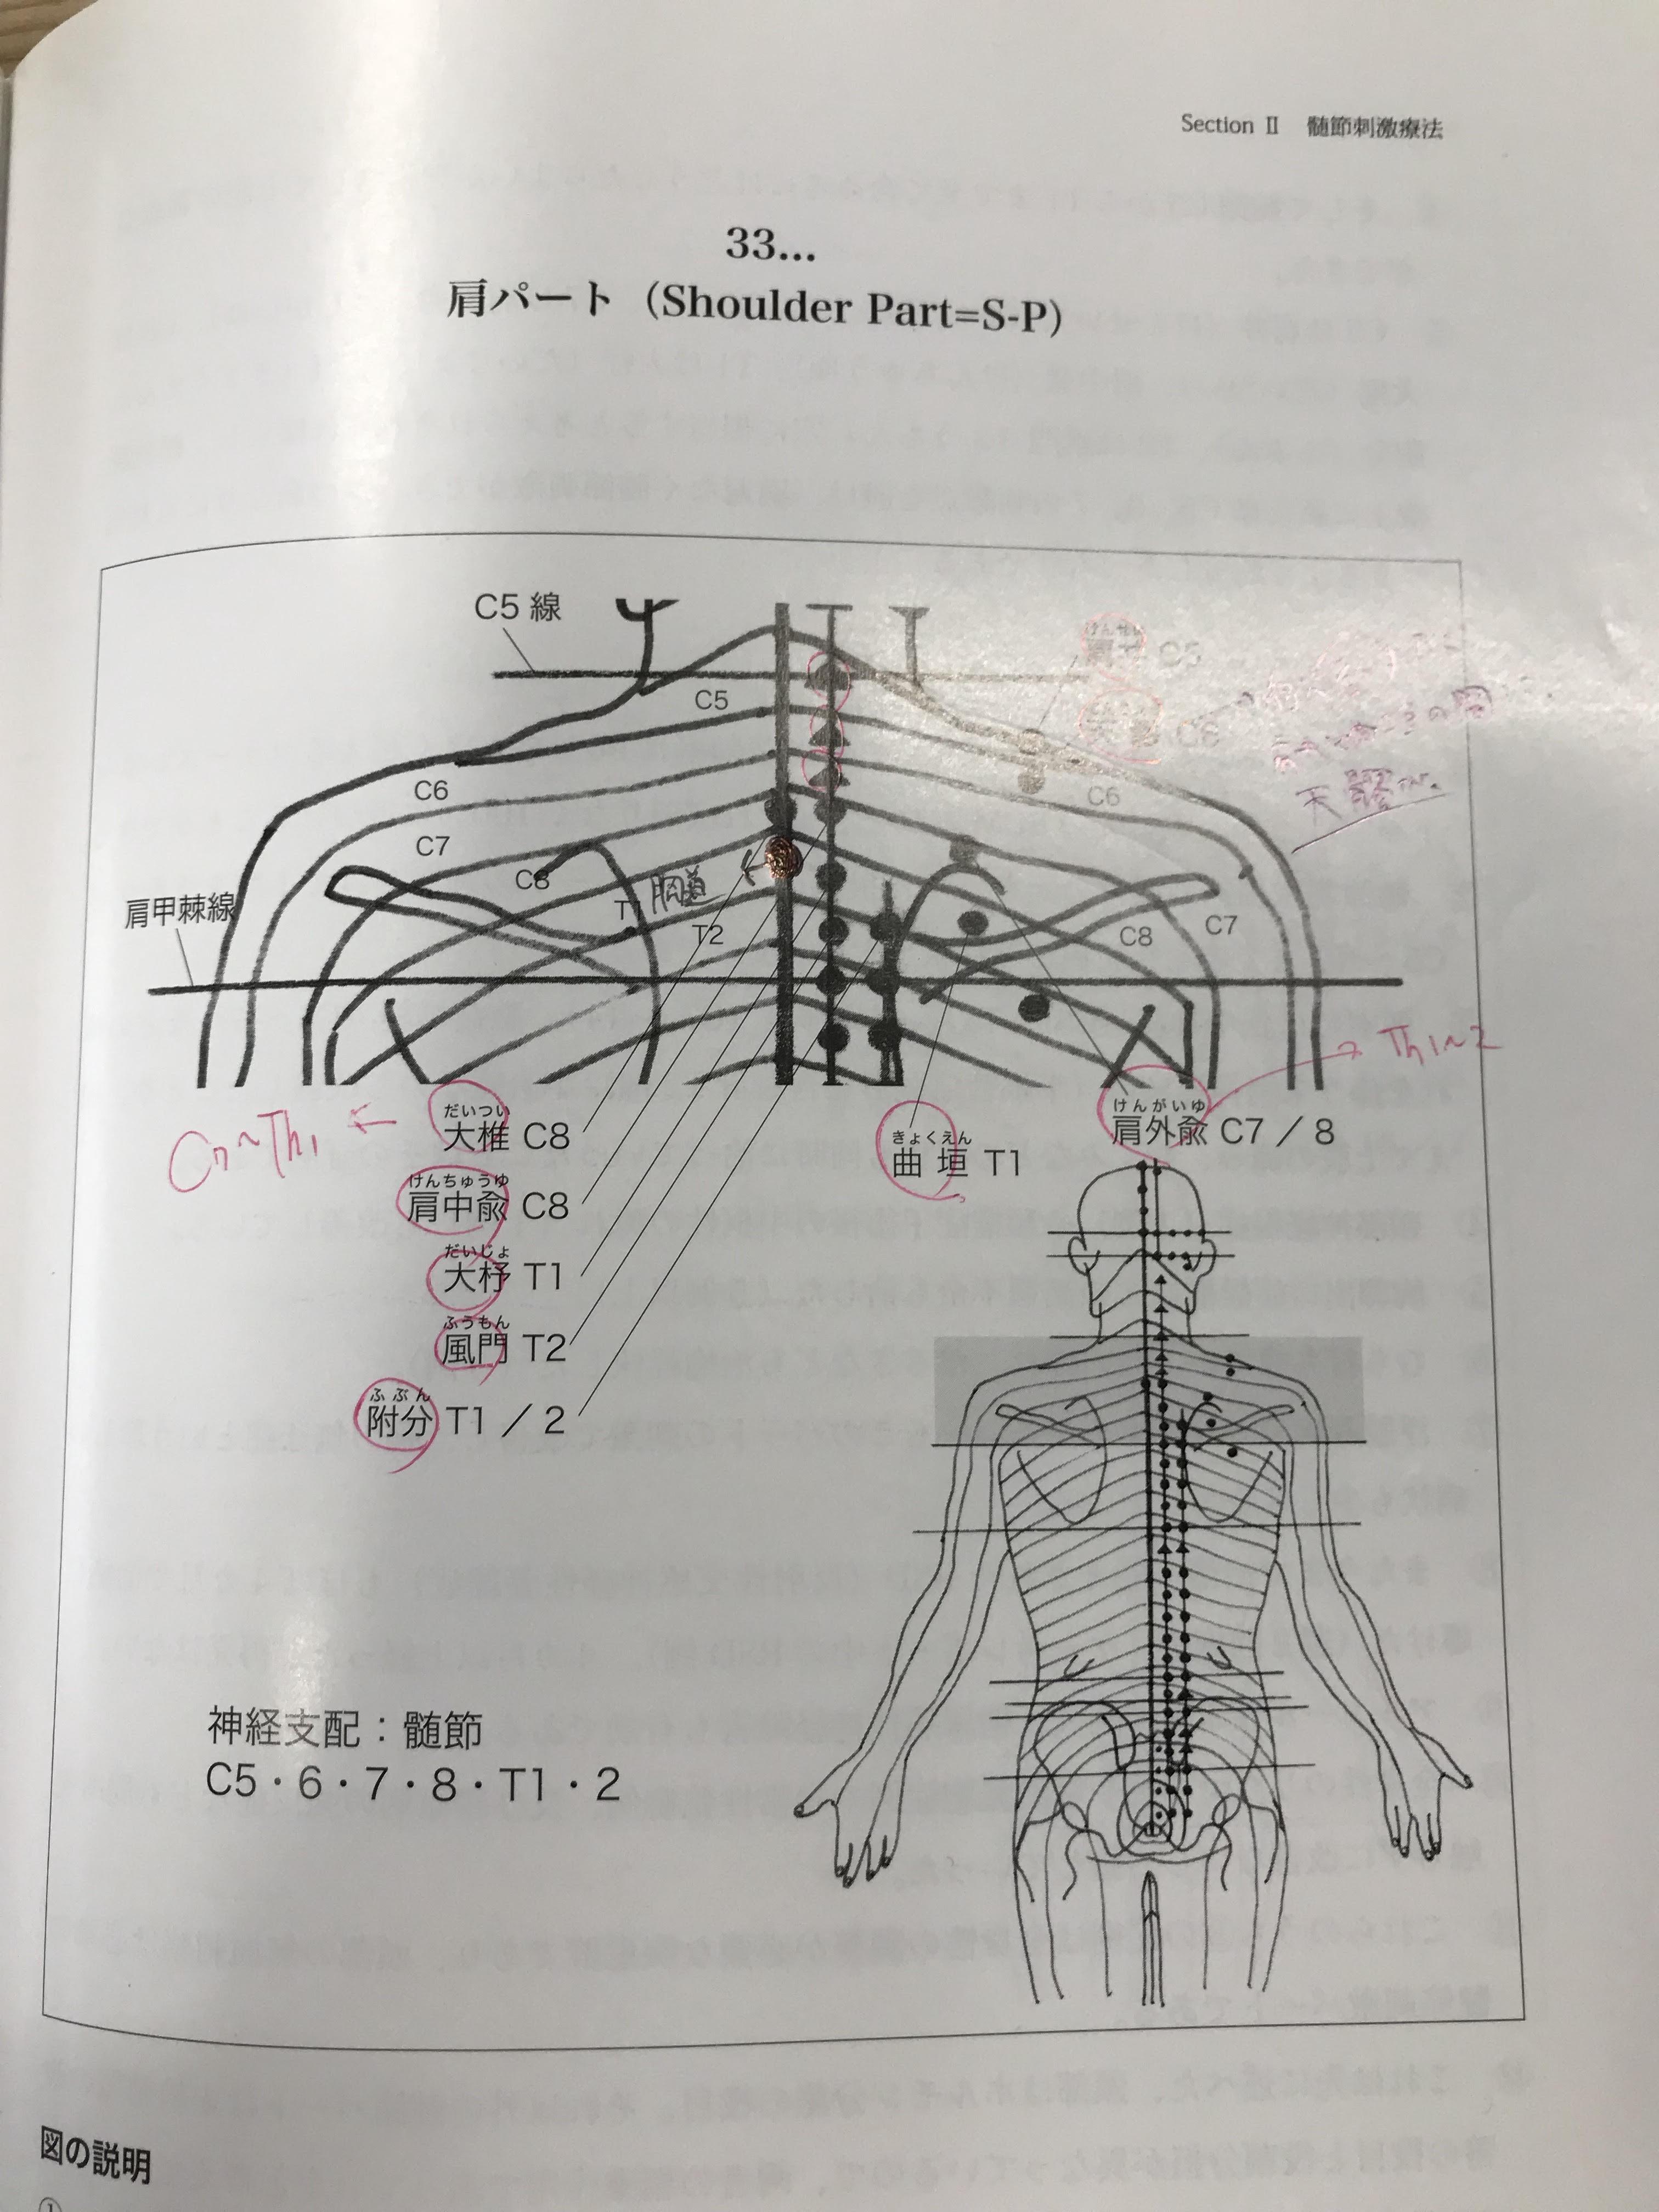 肩パート .jpg